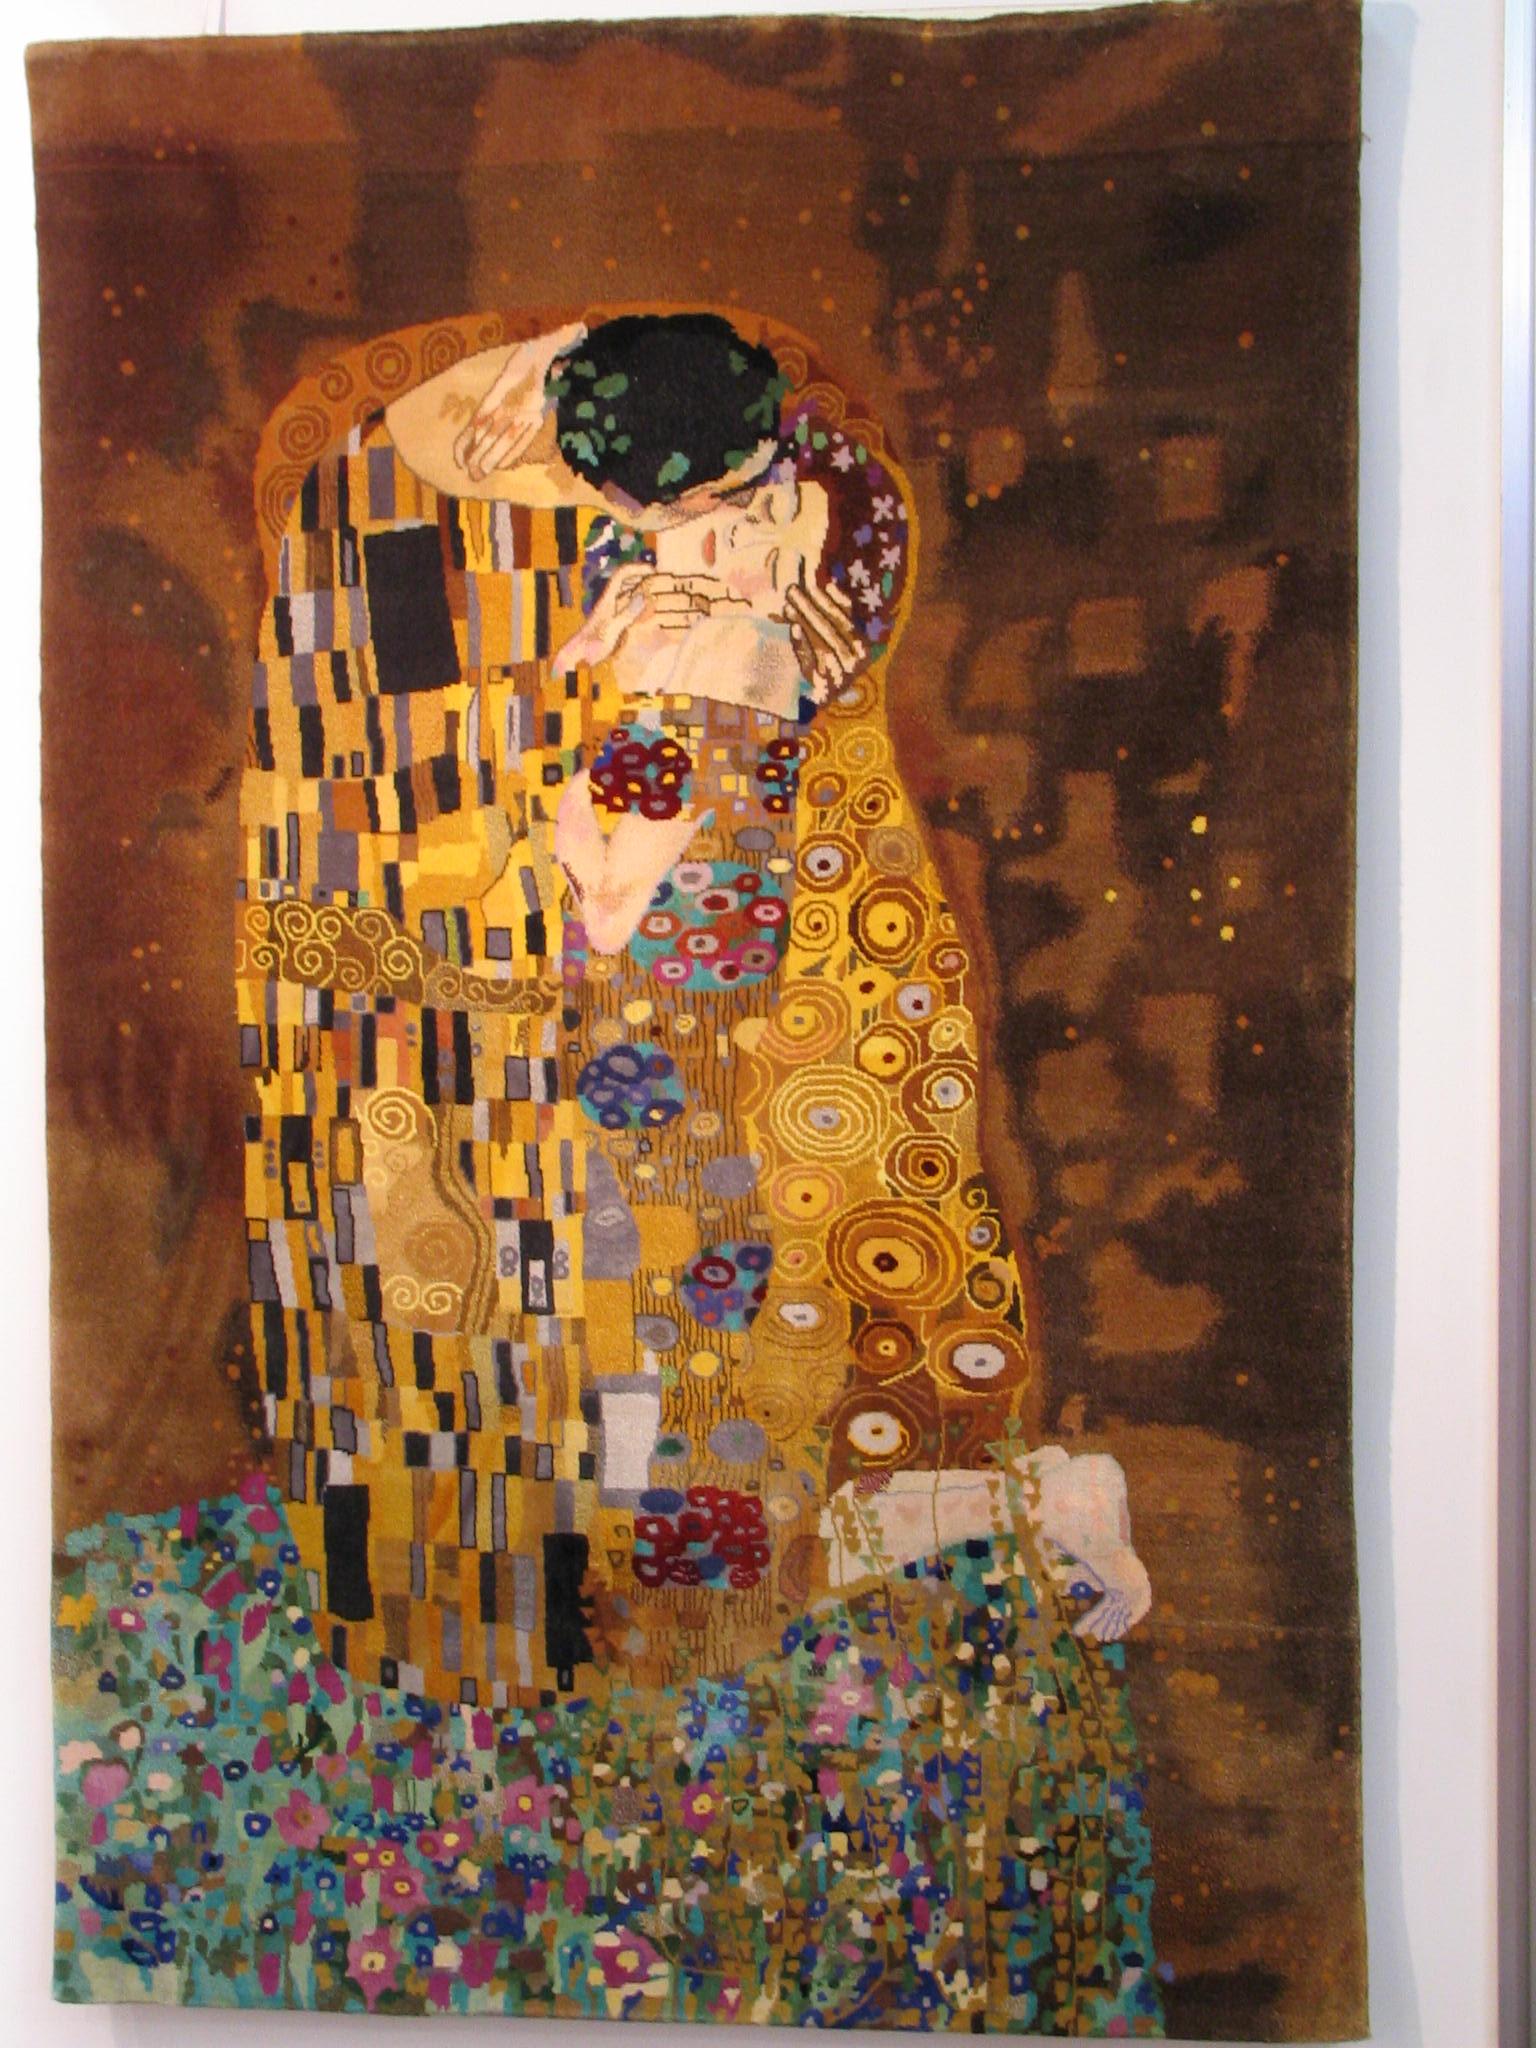 Klimt Der Kuss Wallpaper Klimt The Kiss as a Wall